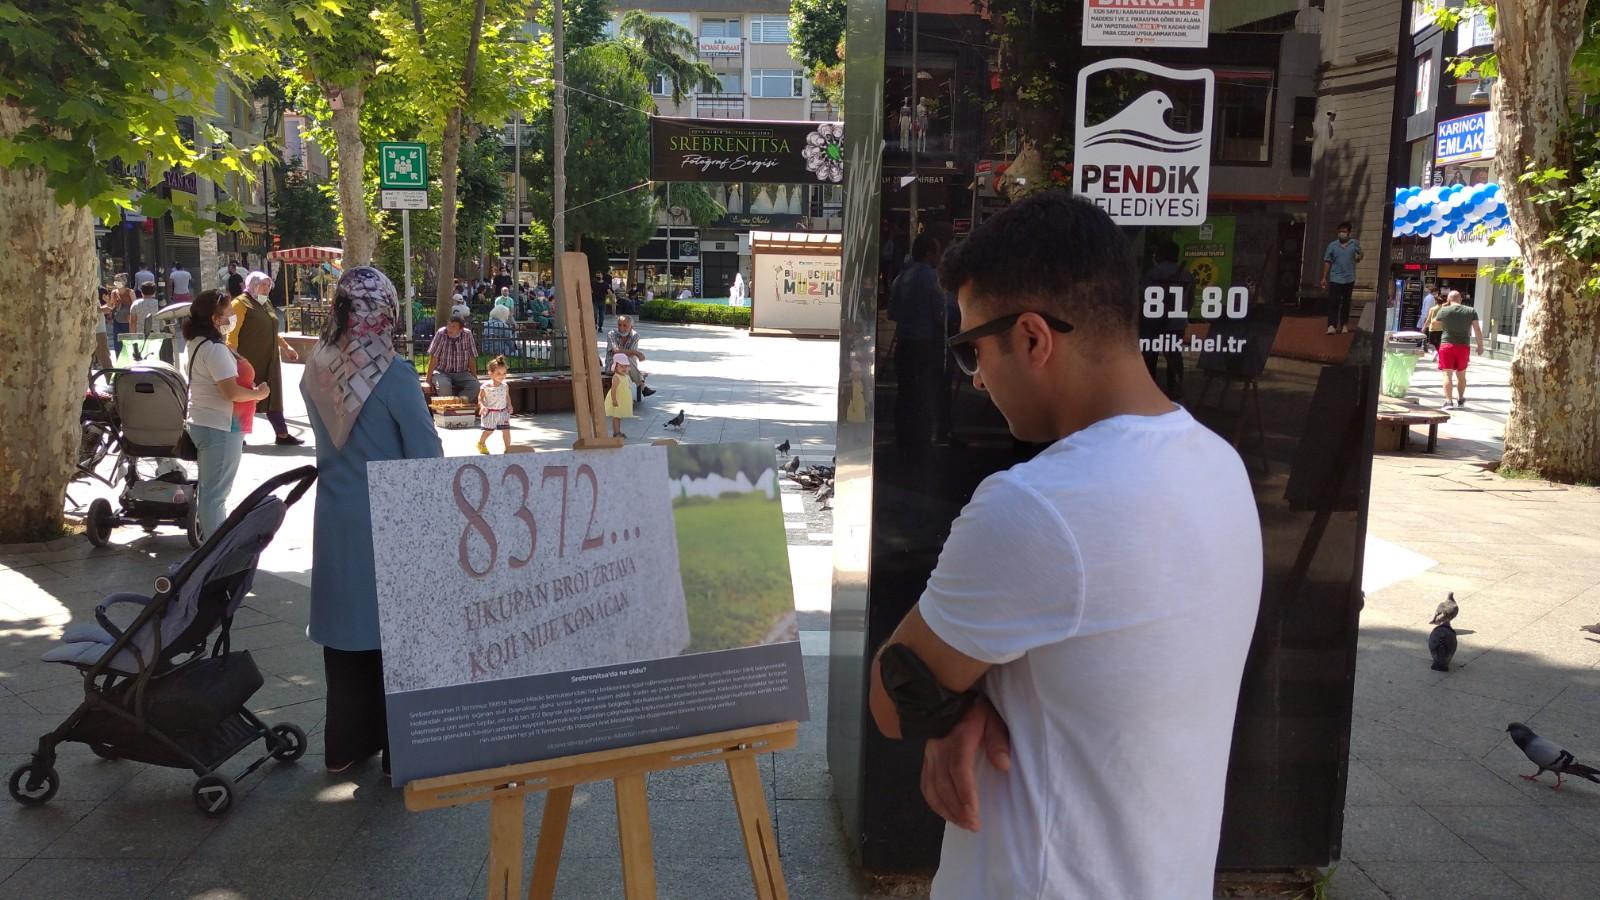 Aradan yıllar geçti ama acılar hala taze! Srebrenitsa Katliamının 26. yıldönümü